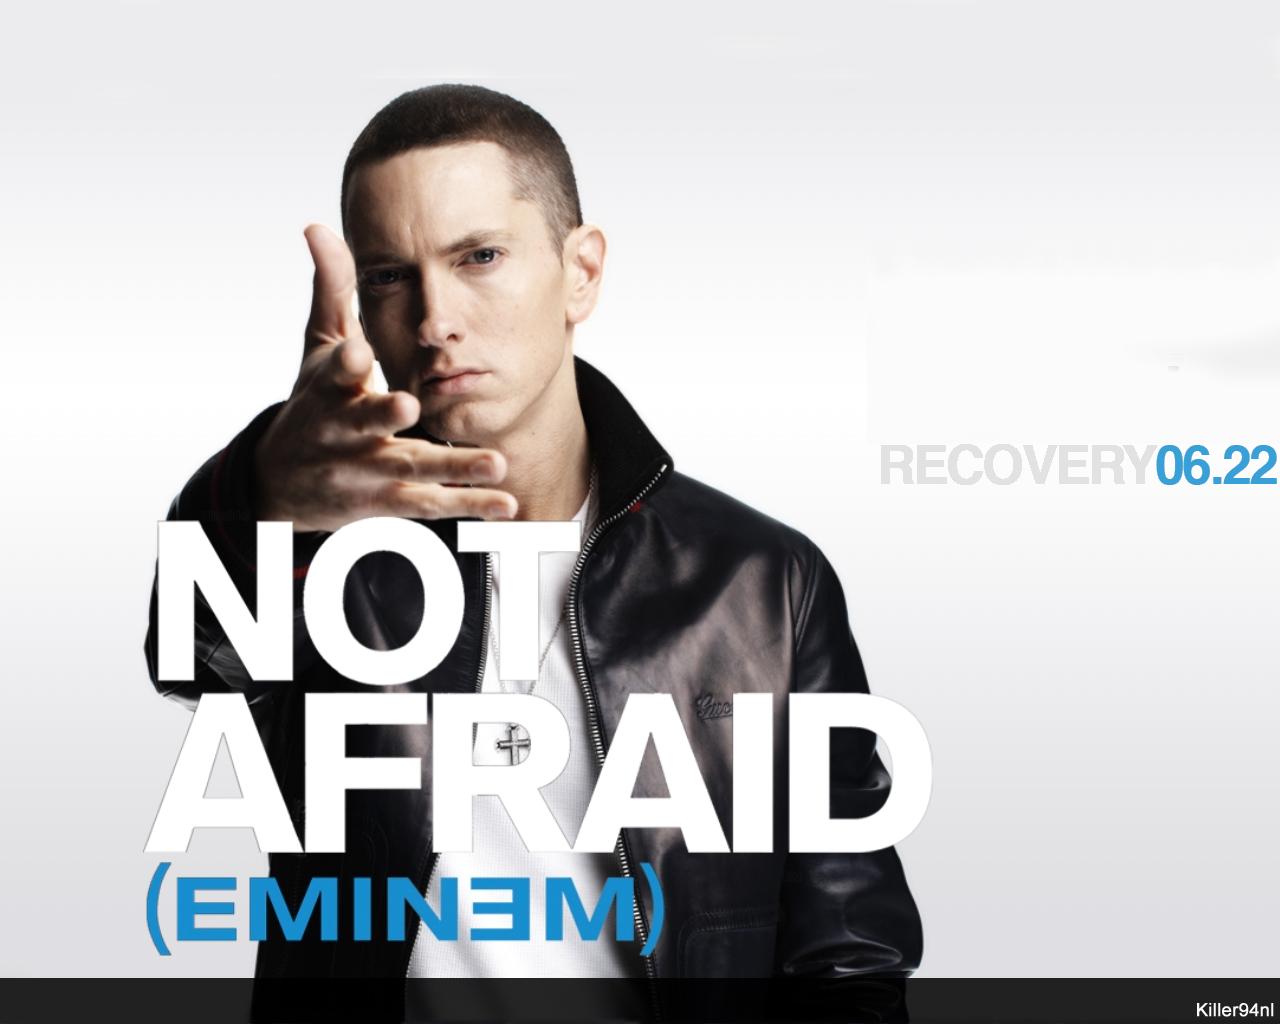 Eminem Not Afraid Quotes. QuotesGram